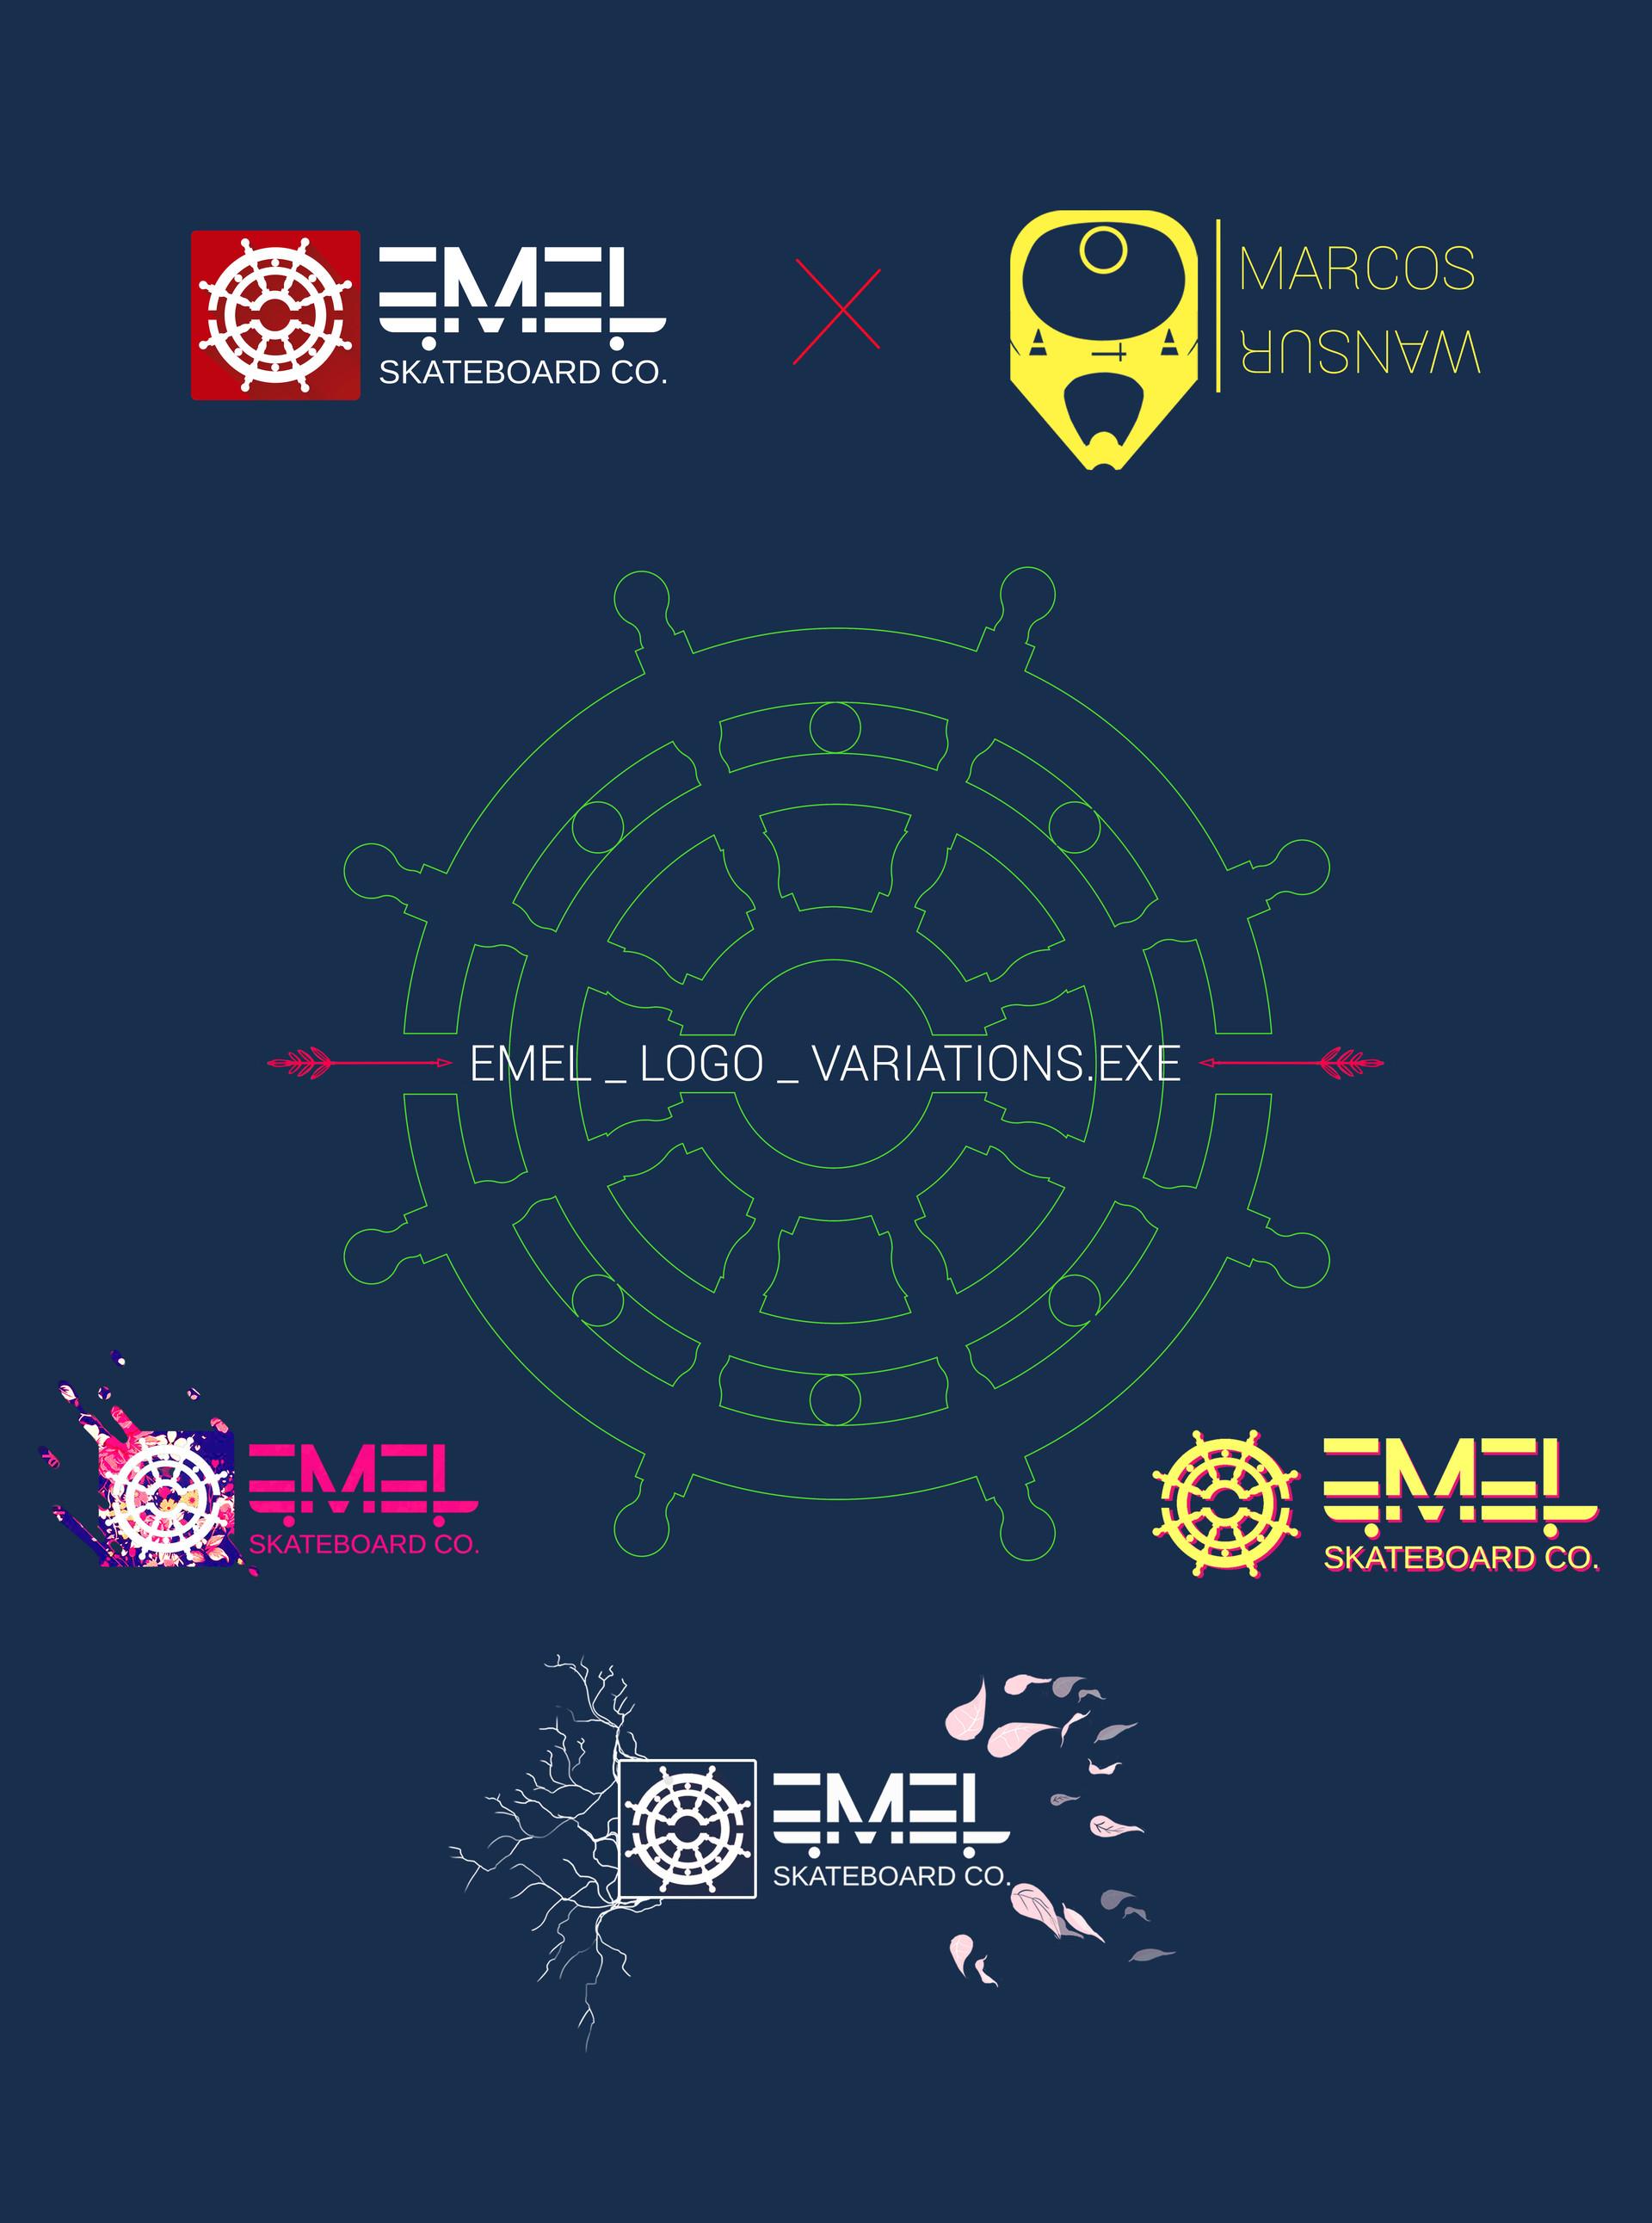 Marcos mansur logo tipo adptedes process